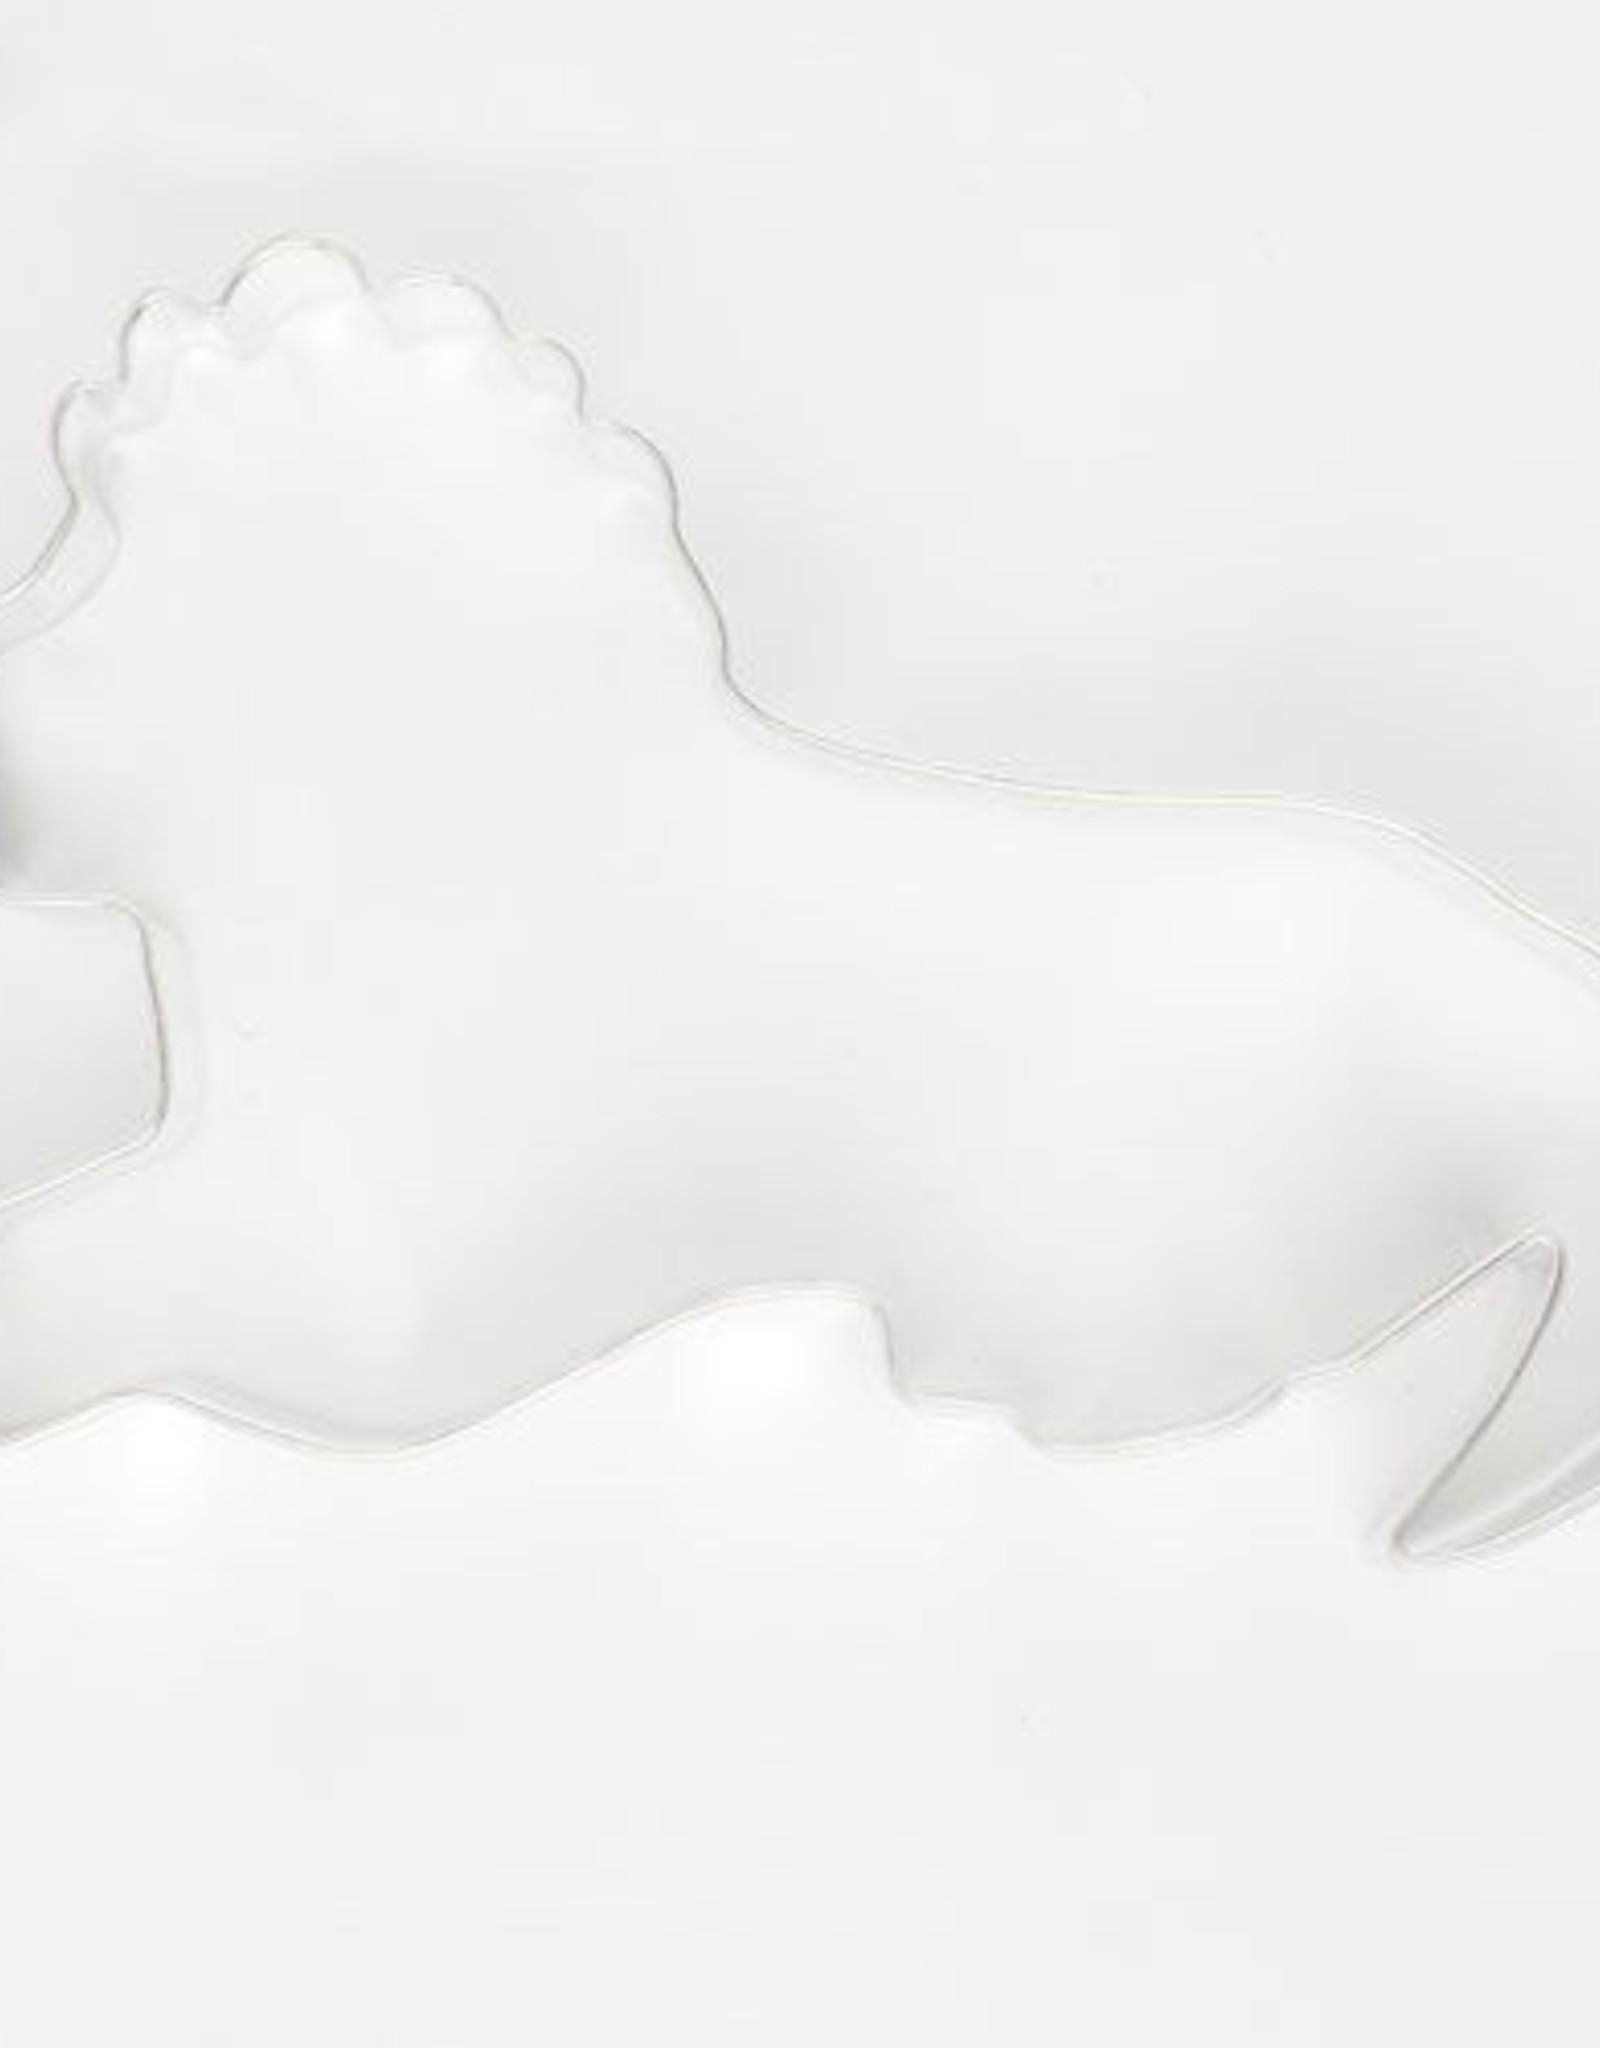 Uitsteker leeuw - 9 cm